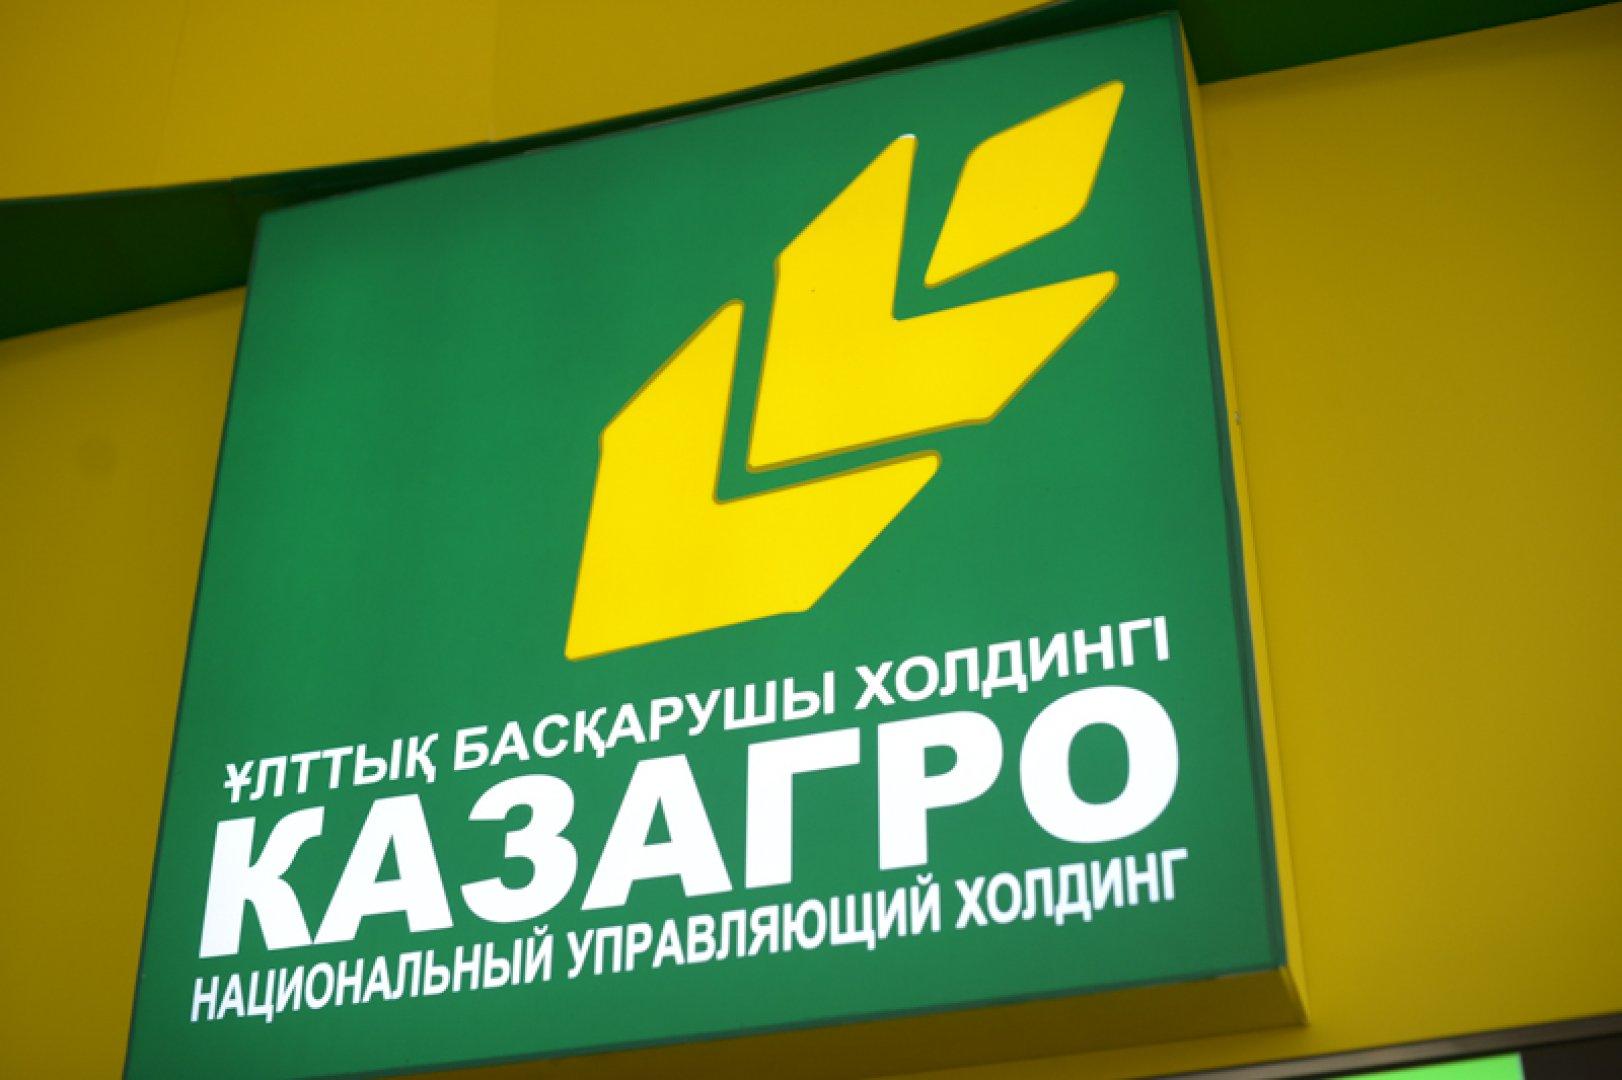 """Fitch отозвало рейтинги """"КазАгро"""" в связи с завершением объединения с """"Байтереком"""""""